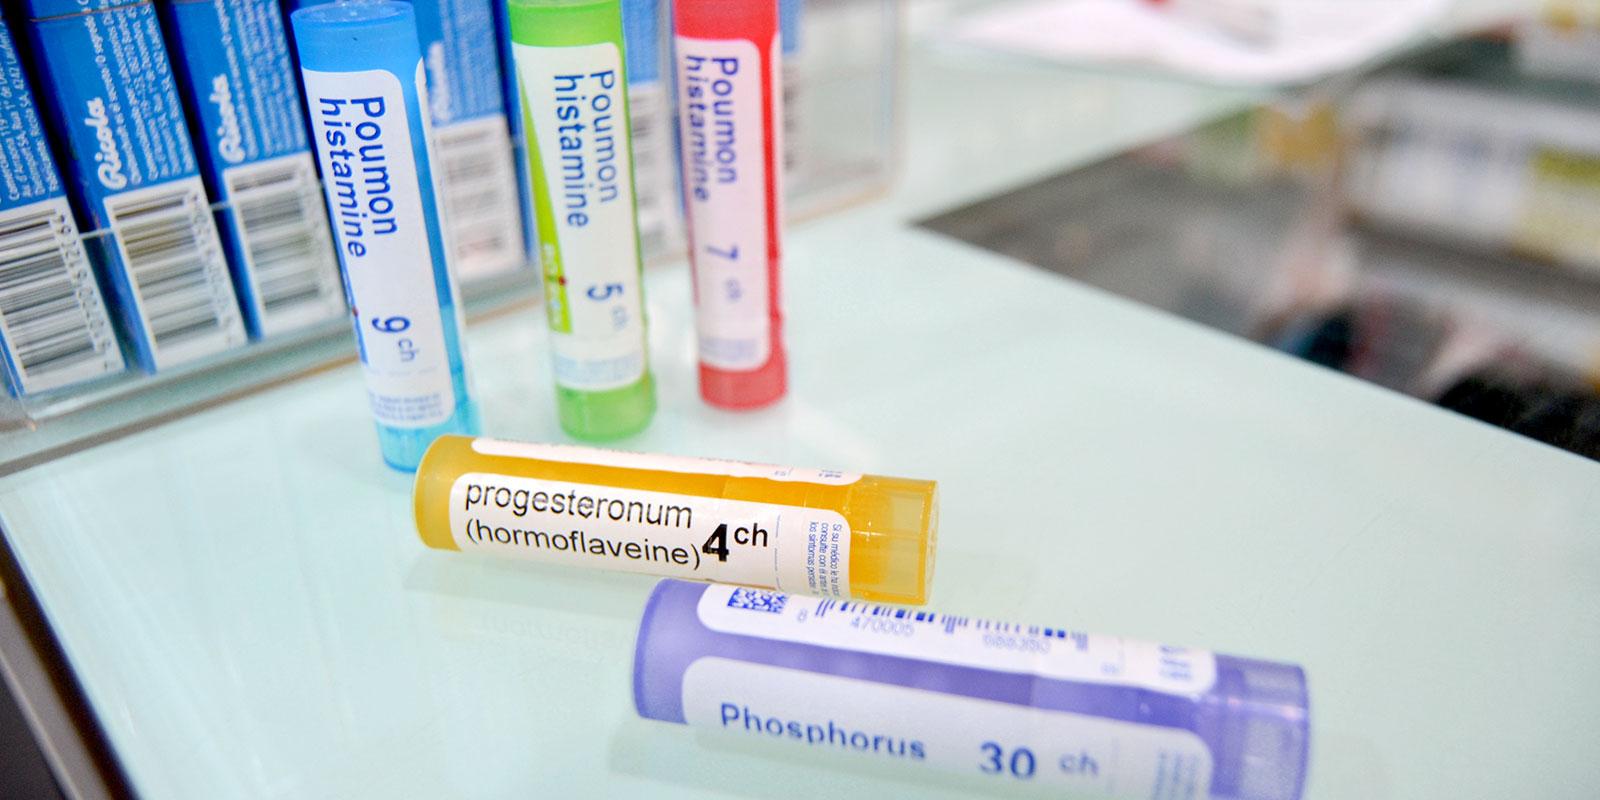 Pequeños envases redondeados de medicamentos homeopáticos. Por fin un robot de farmacia que puede almacenarlos automáticamente.